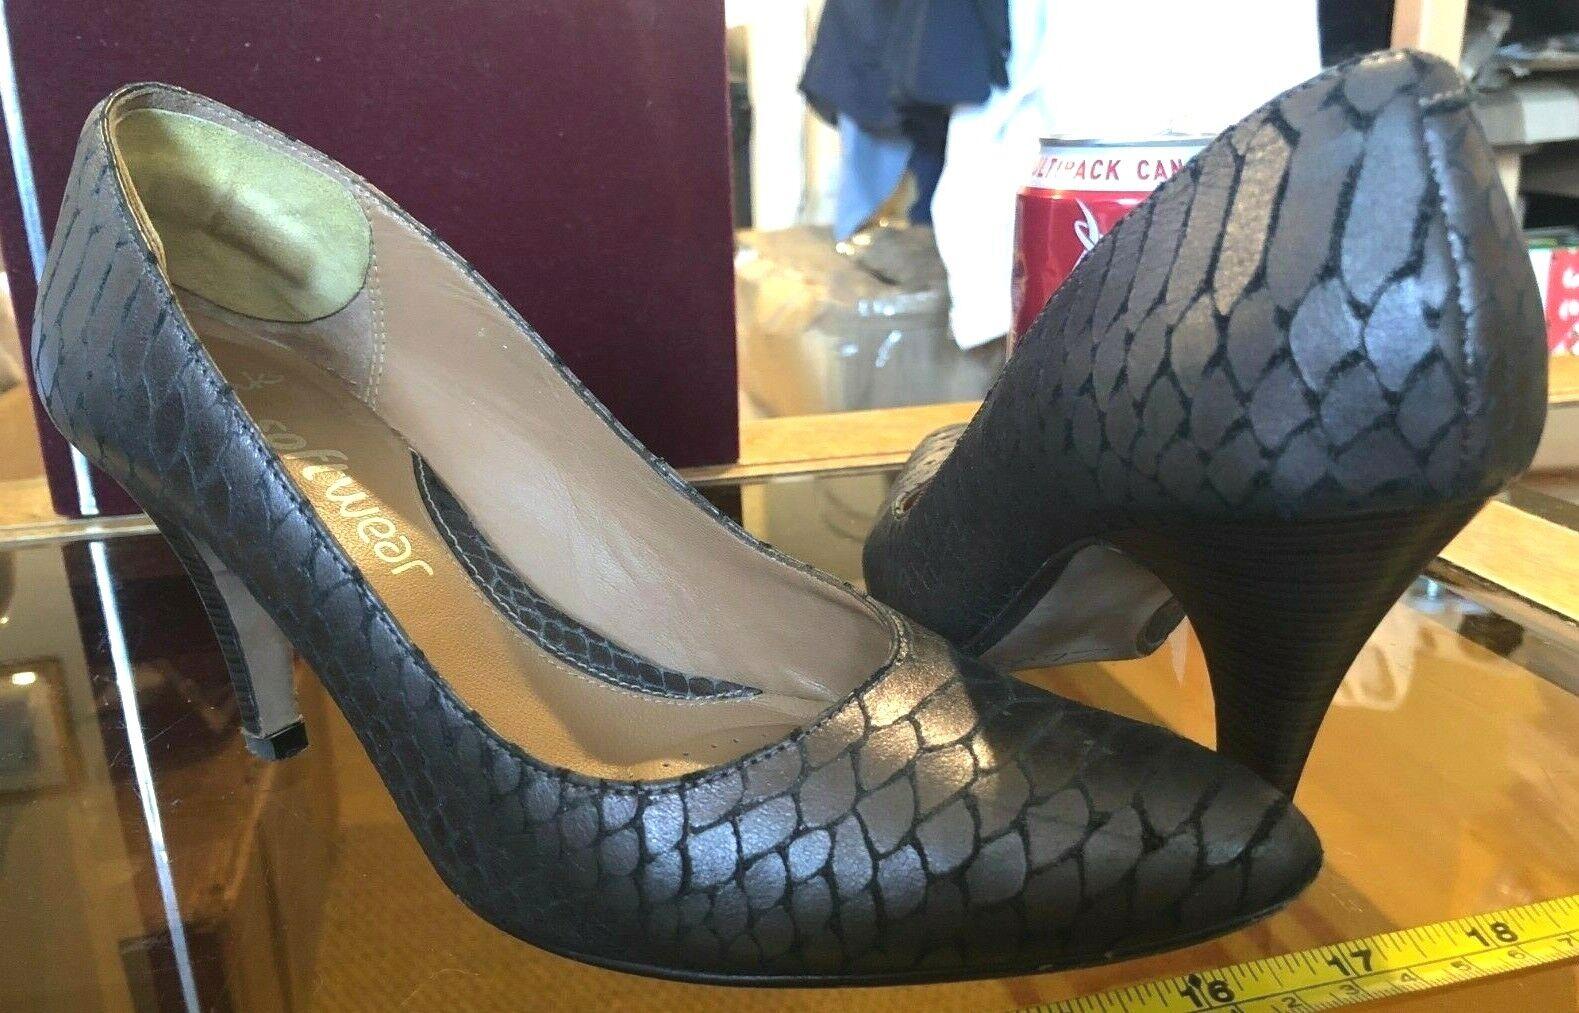 Clarks Dark Metal Metallic Ladies Heels shoes UK 3.5 Cusion Softwear